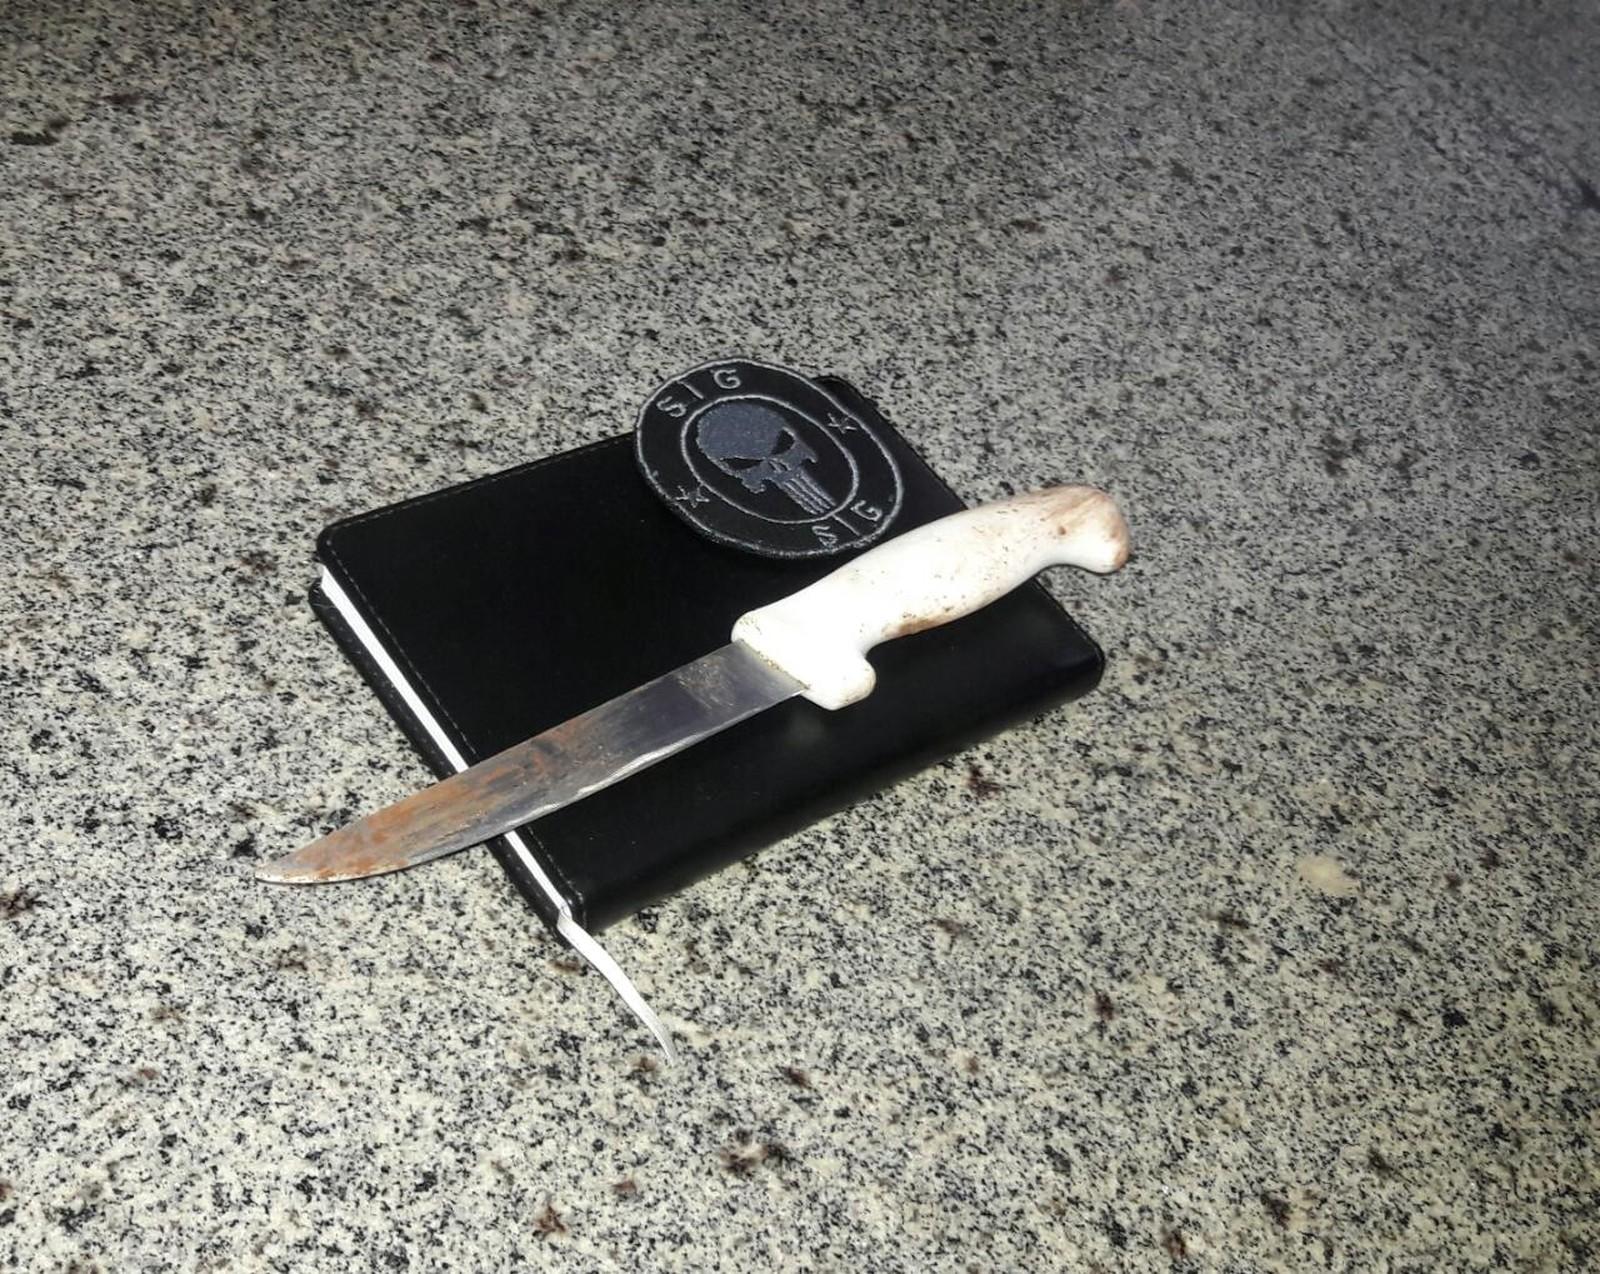 Faca utilizada para matar o cabeleireiro foi apreendida (Foto: Liziane Zarpelon/TV Morena)